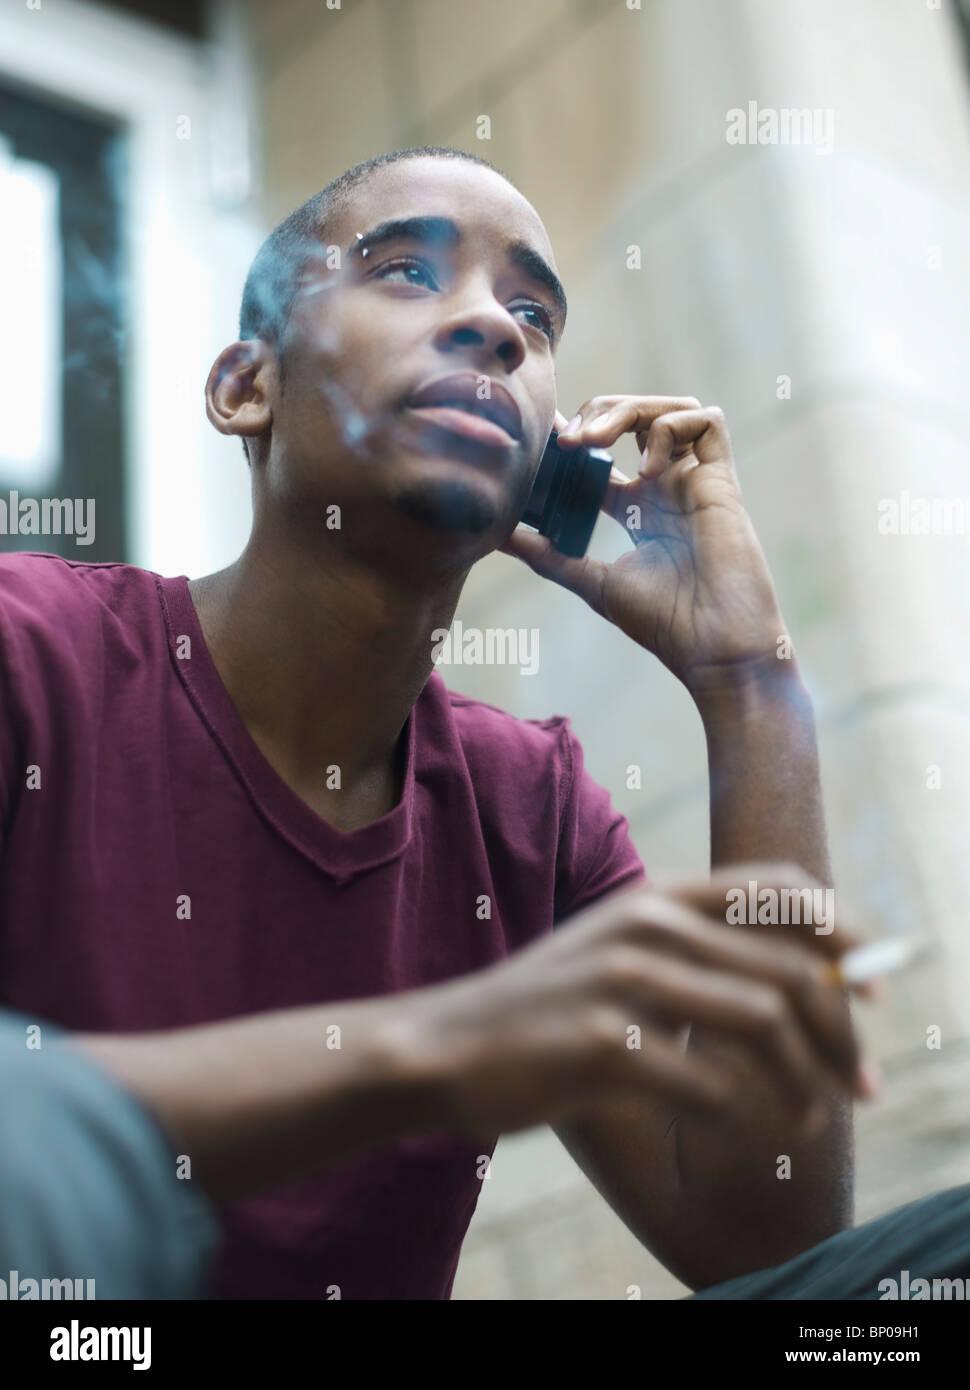 Teenage boy smoking while phoning - Stock Image